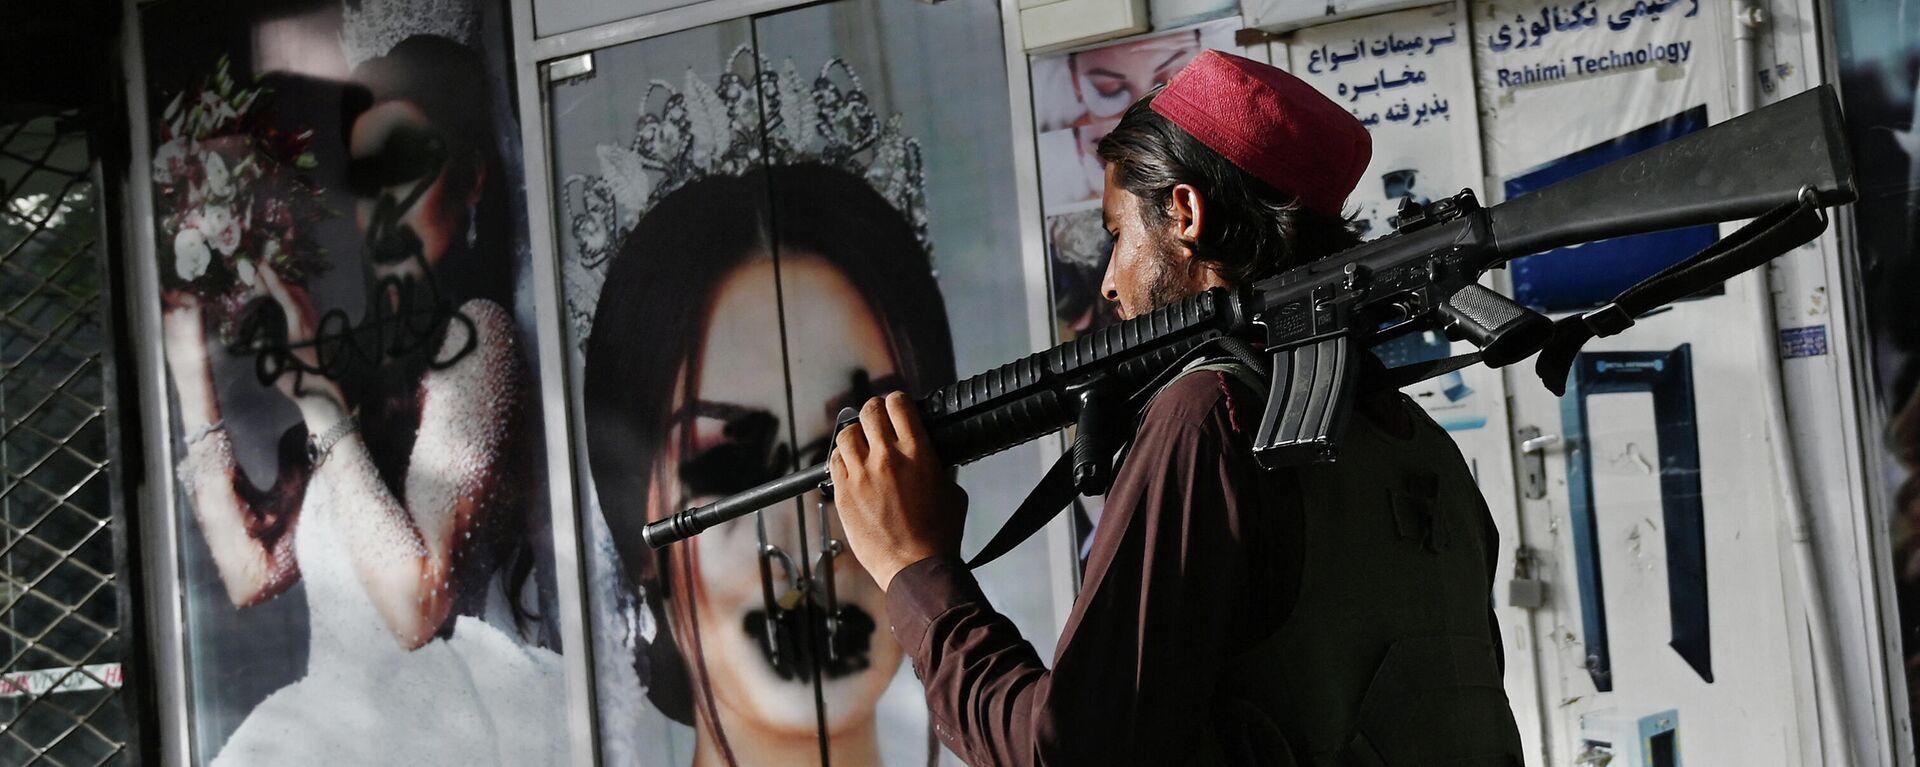 Un soldado talibán camina frente a un salón de belleza con imágenes de mujeres desfiguradas con spray, en Shar-e-Naw en Kabul, el 18 de agosto de 2021 - Sputnik Mundo, 1920, 18.08.2021